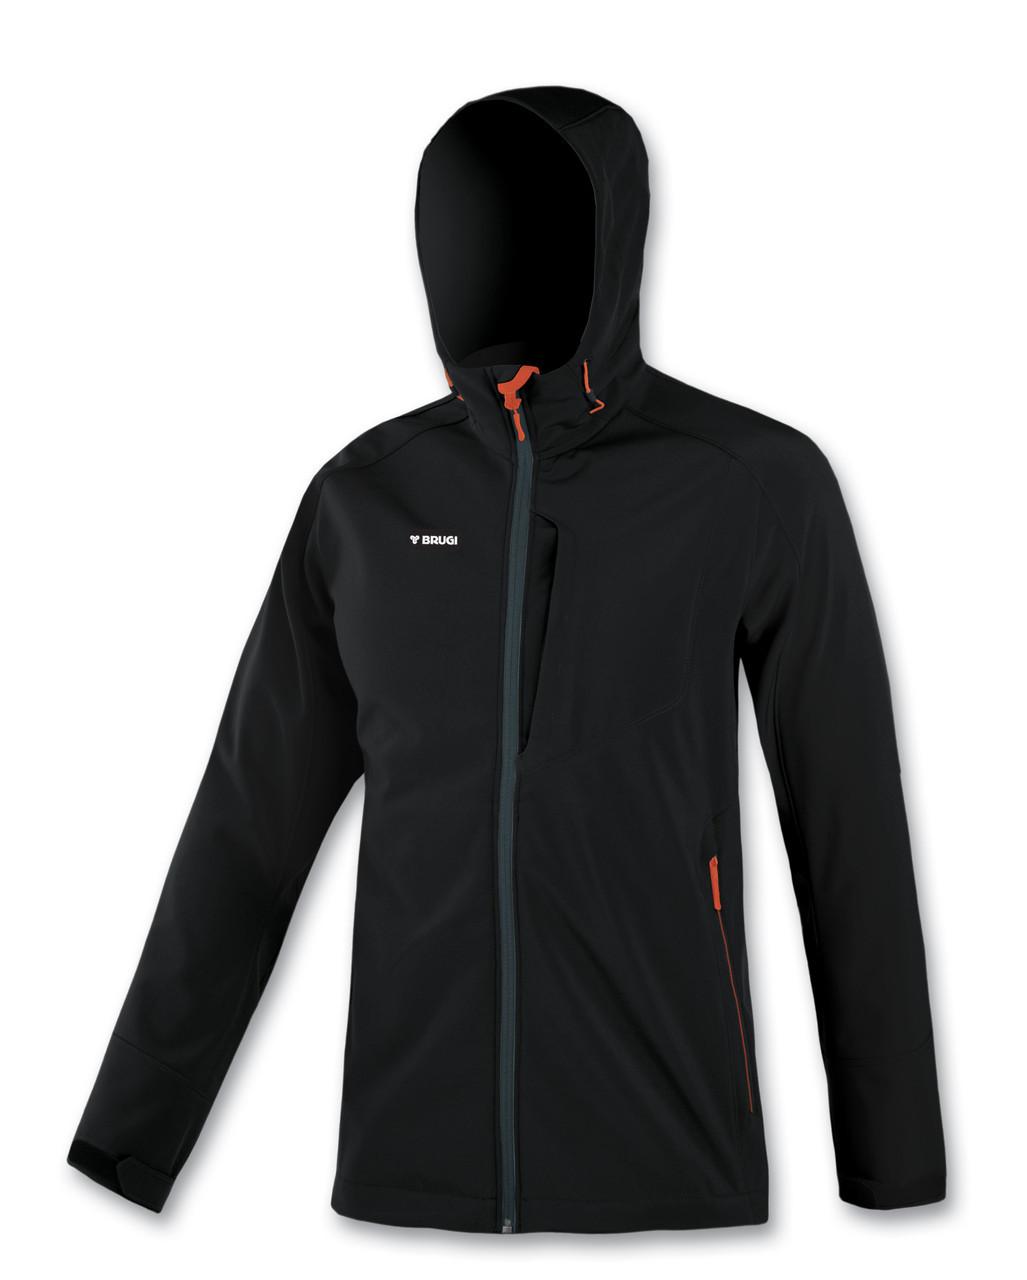 Куртка Outdoor Softshell BRUGI/ Black-Orange